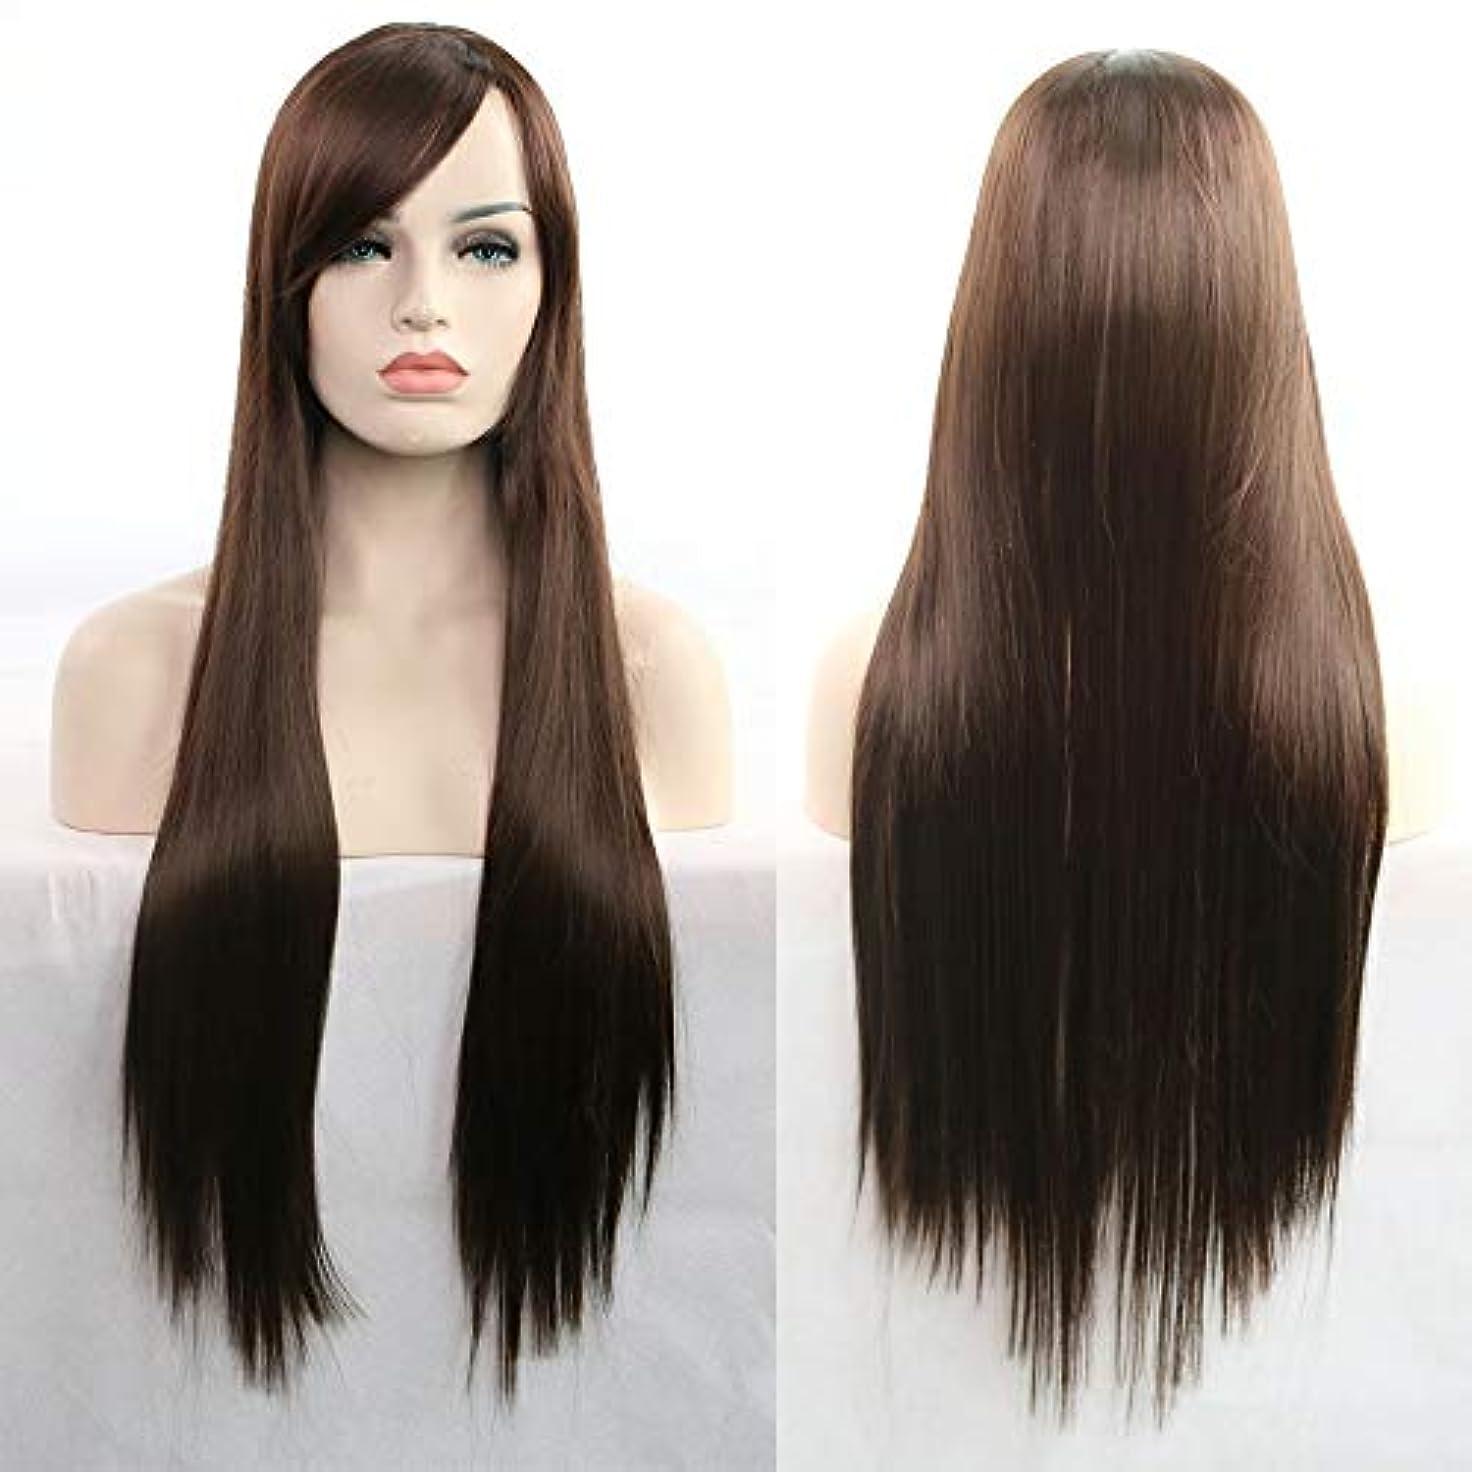 走る無線契約した女性用ロングナチュラルストレートヘアウィッグ31インチ人工毛替えウィッグハロウィンコスプレ衣装アニメパーティーウィッグ(ウィッグキャップ付き) (Color : Dark brown)